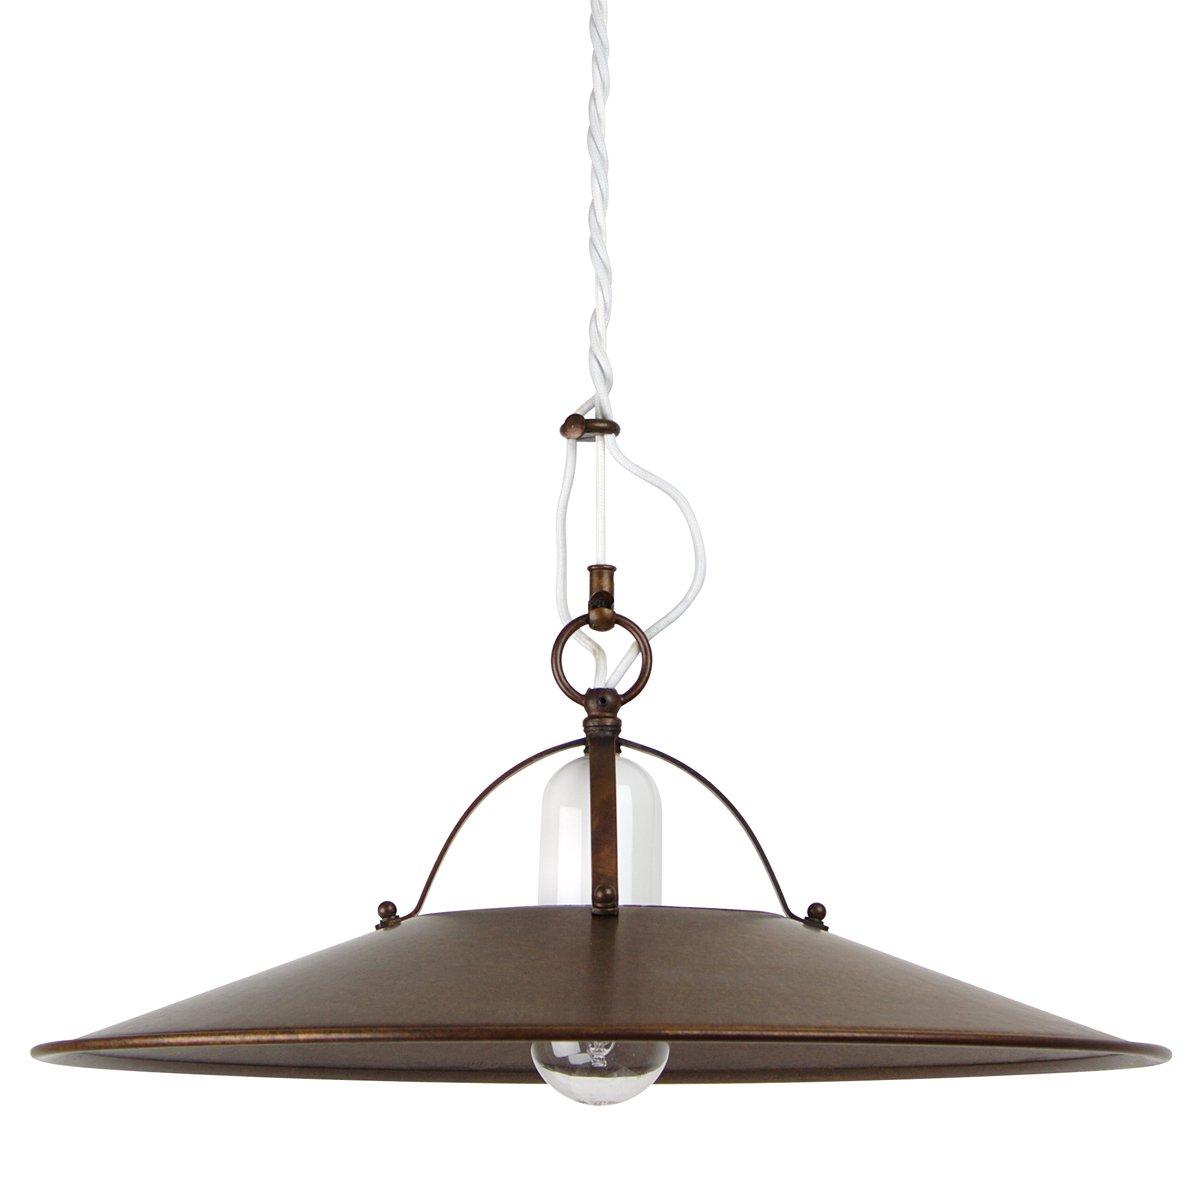 rustikale h ngelampe postiglione mit messingschirm und keramikhalterung. Black Bedroom Furniture Sets. Home Design Ideas